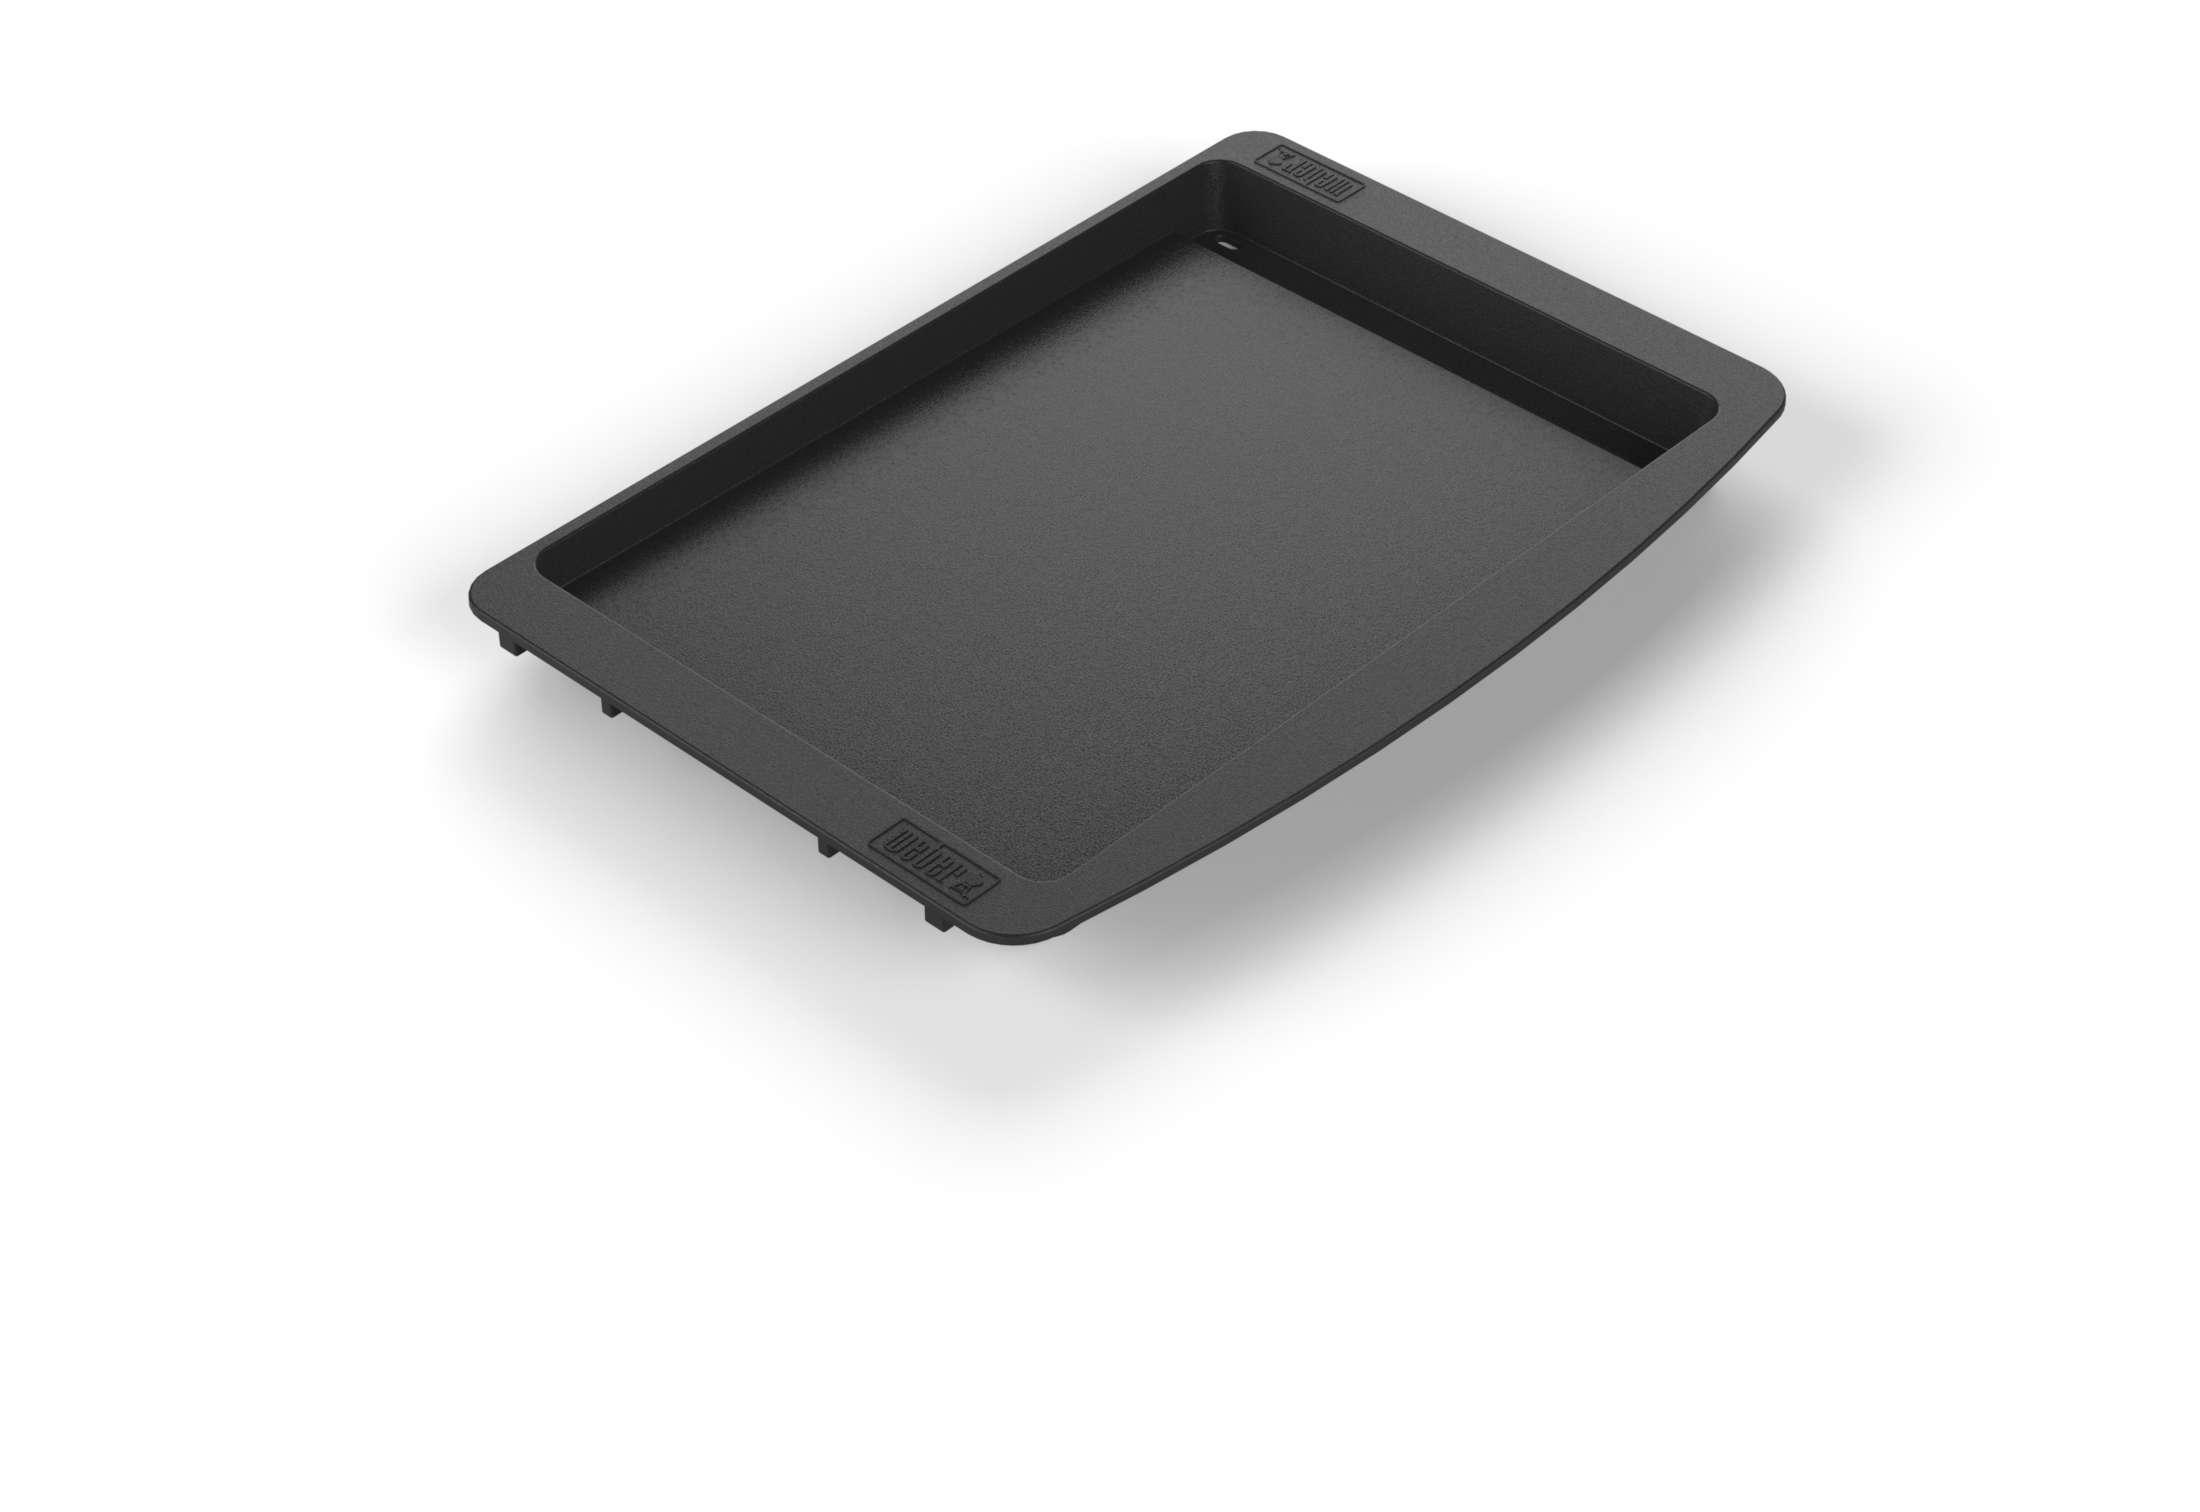 Weber Elektrogrill Grillplatte : Grillplatte für weber genesis ii weber grillzubehör